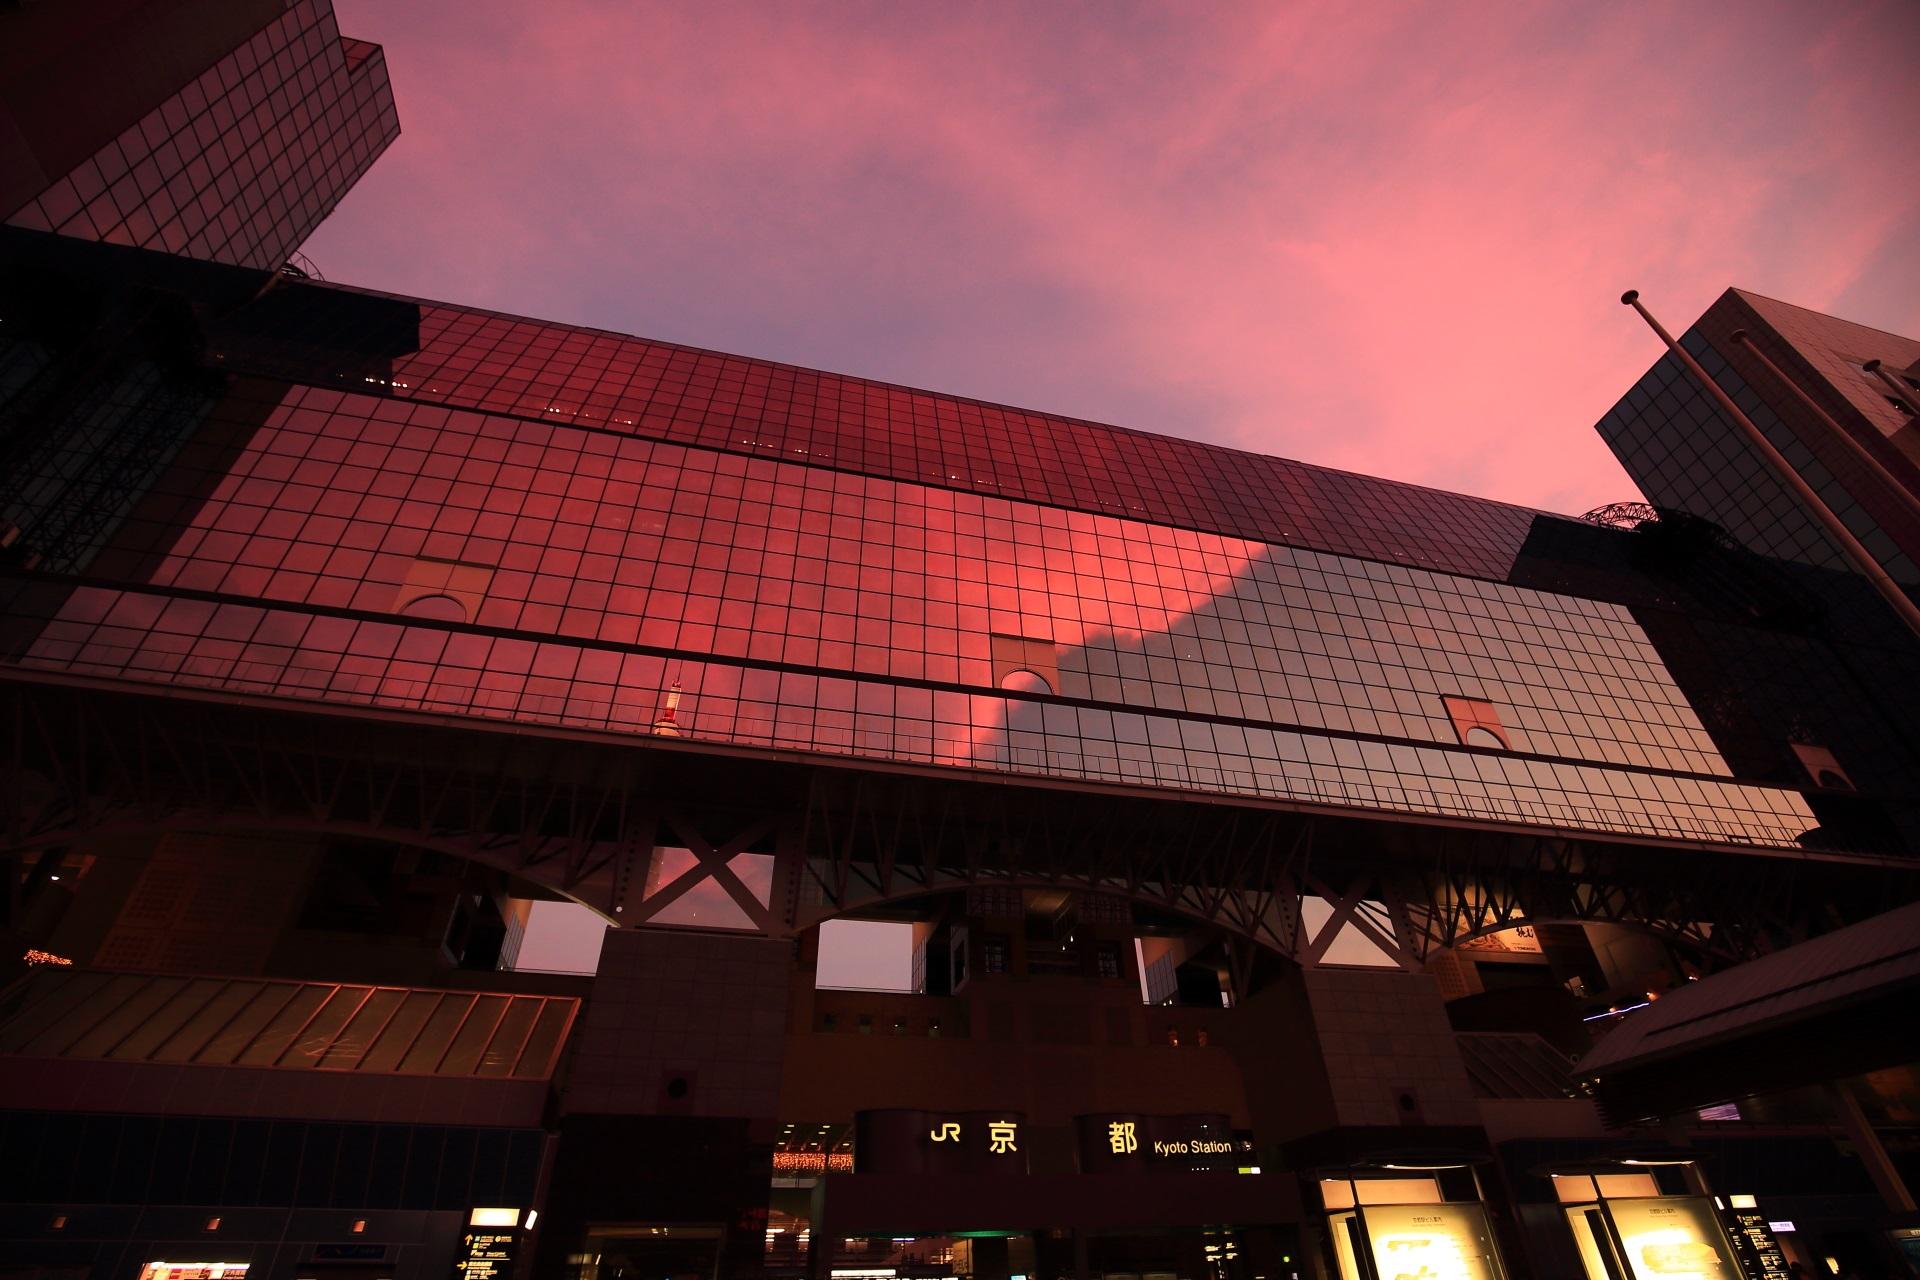 艶やかな色合いの雲と空が映る駅ビル正面のガラス